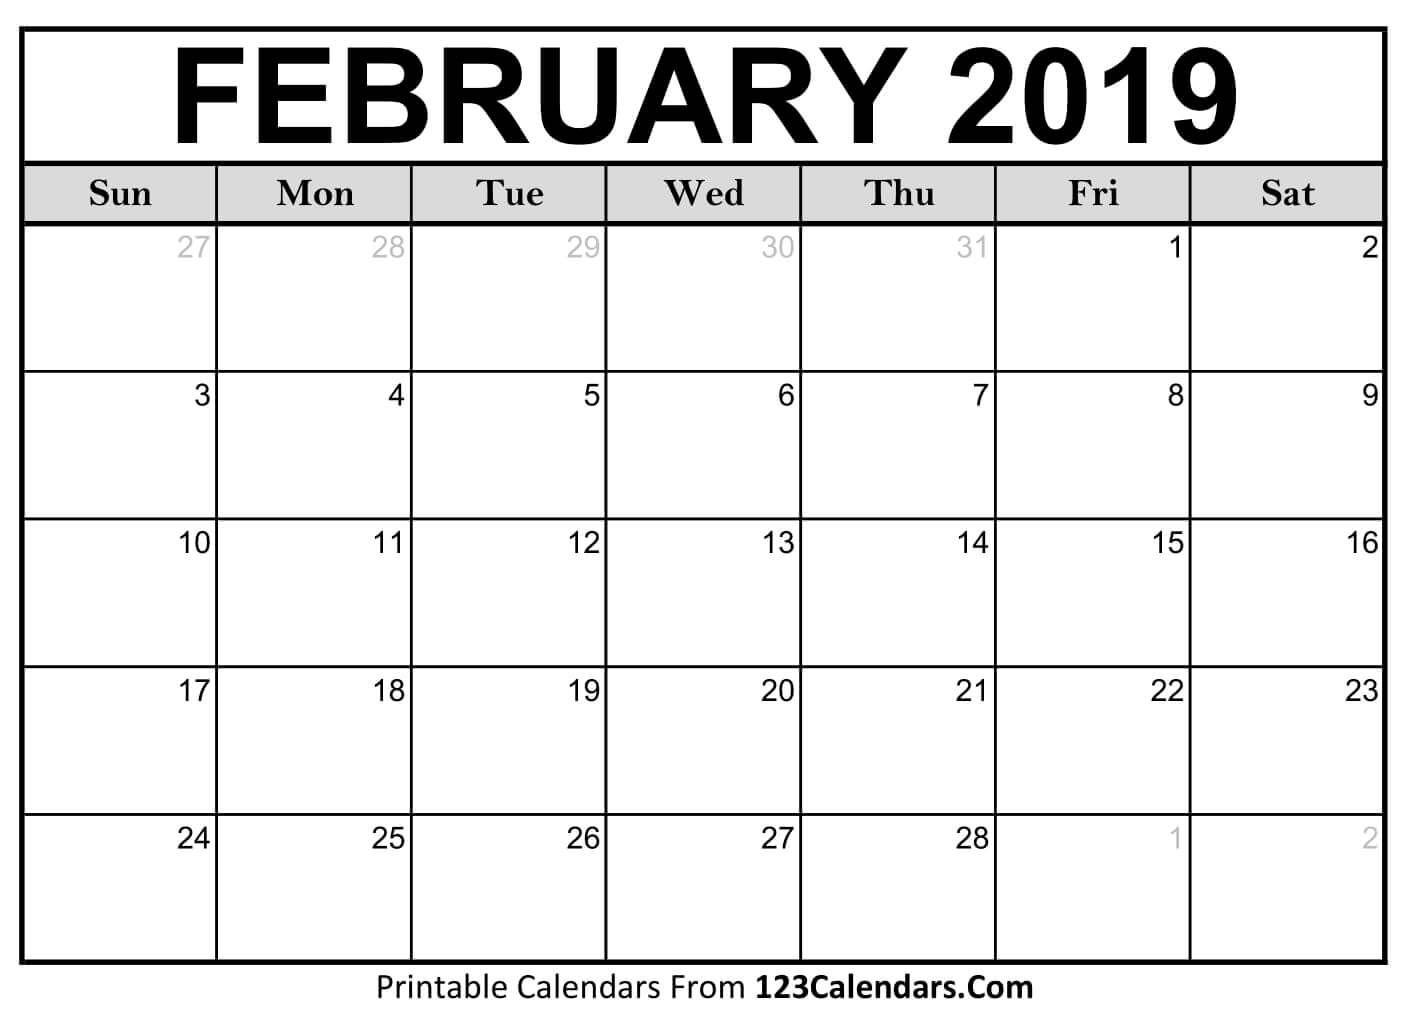 2019 Calendar Of February Pinterest